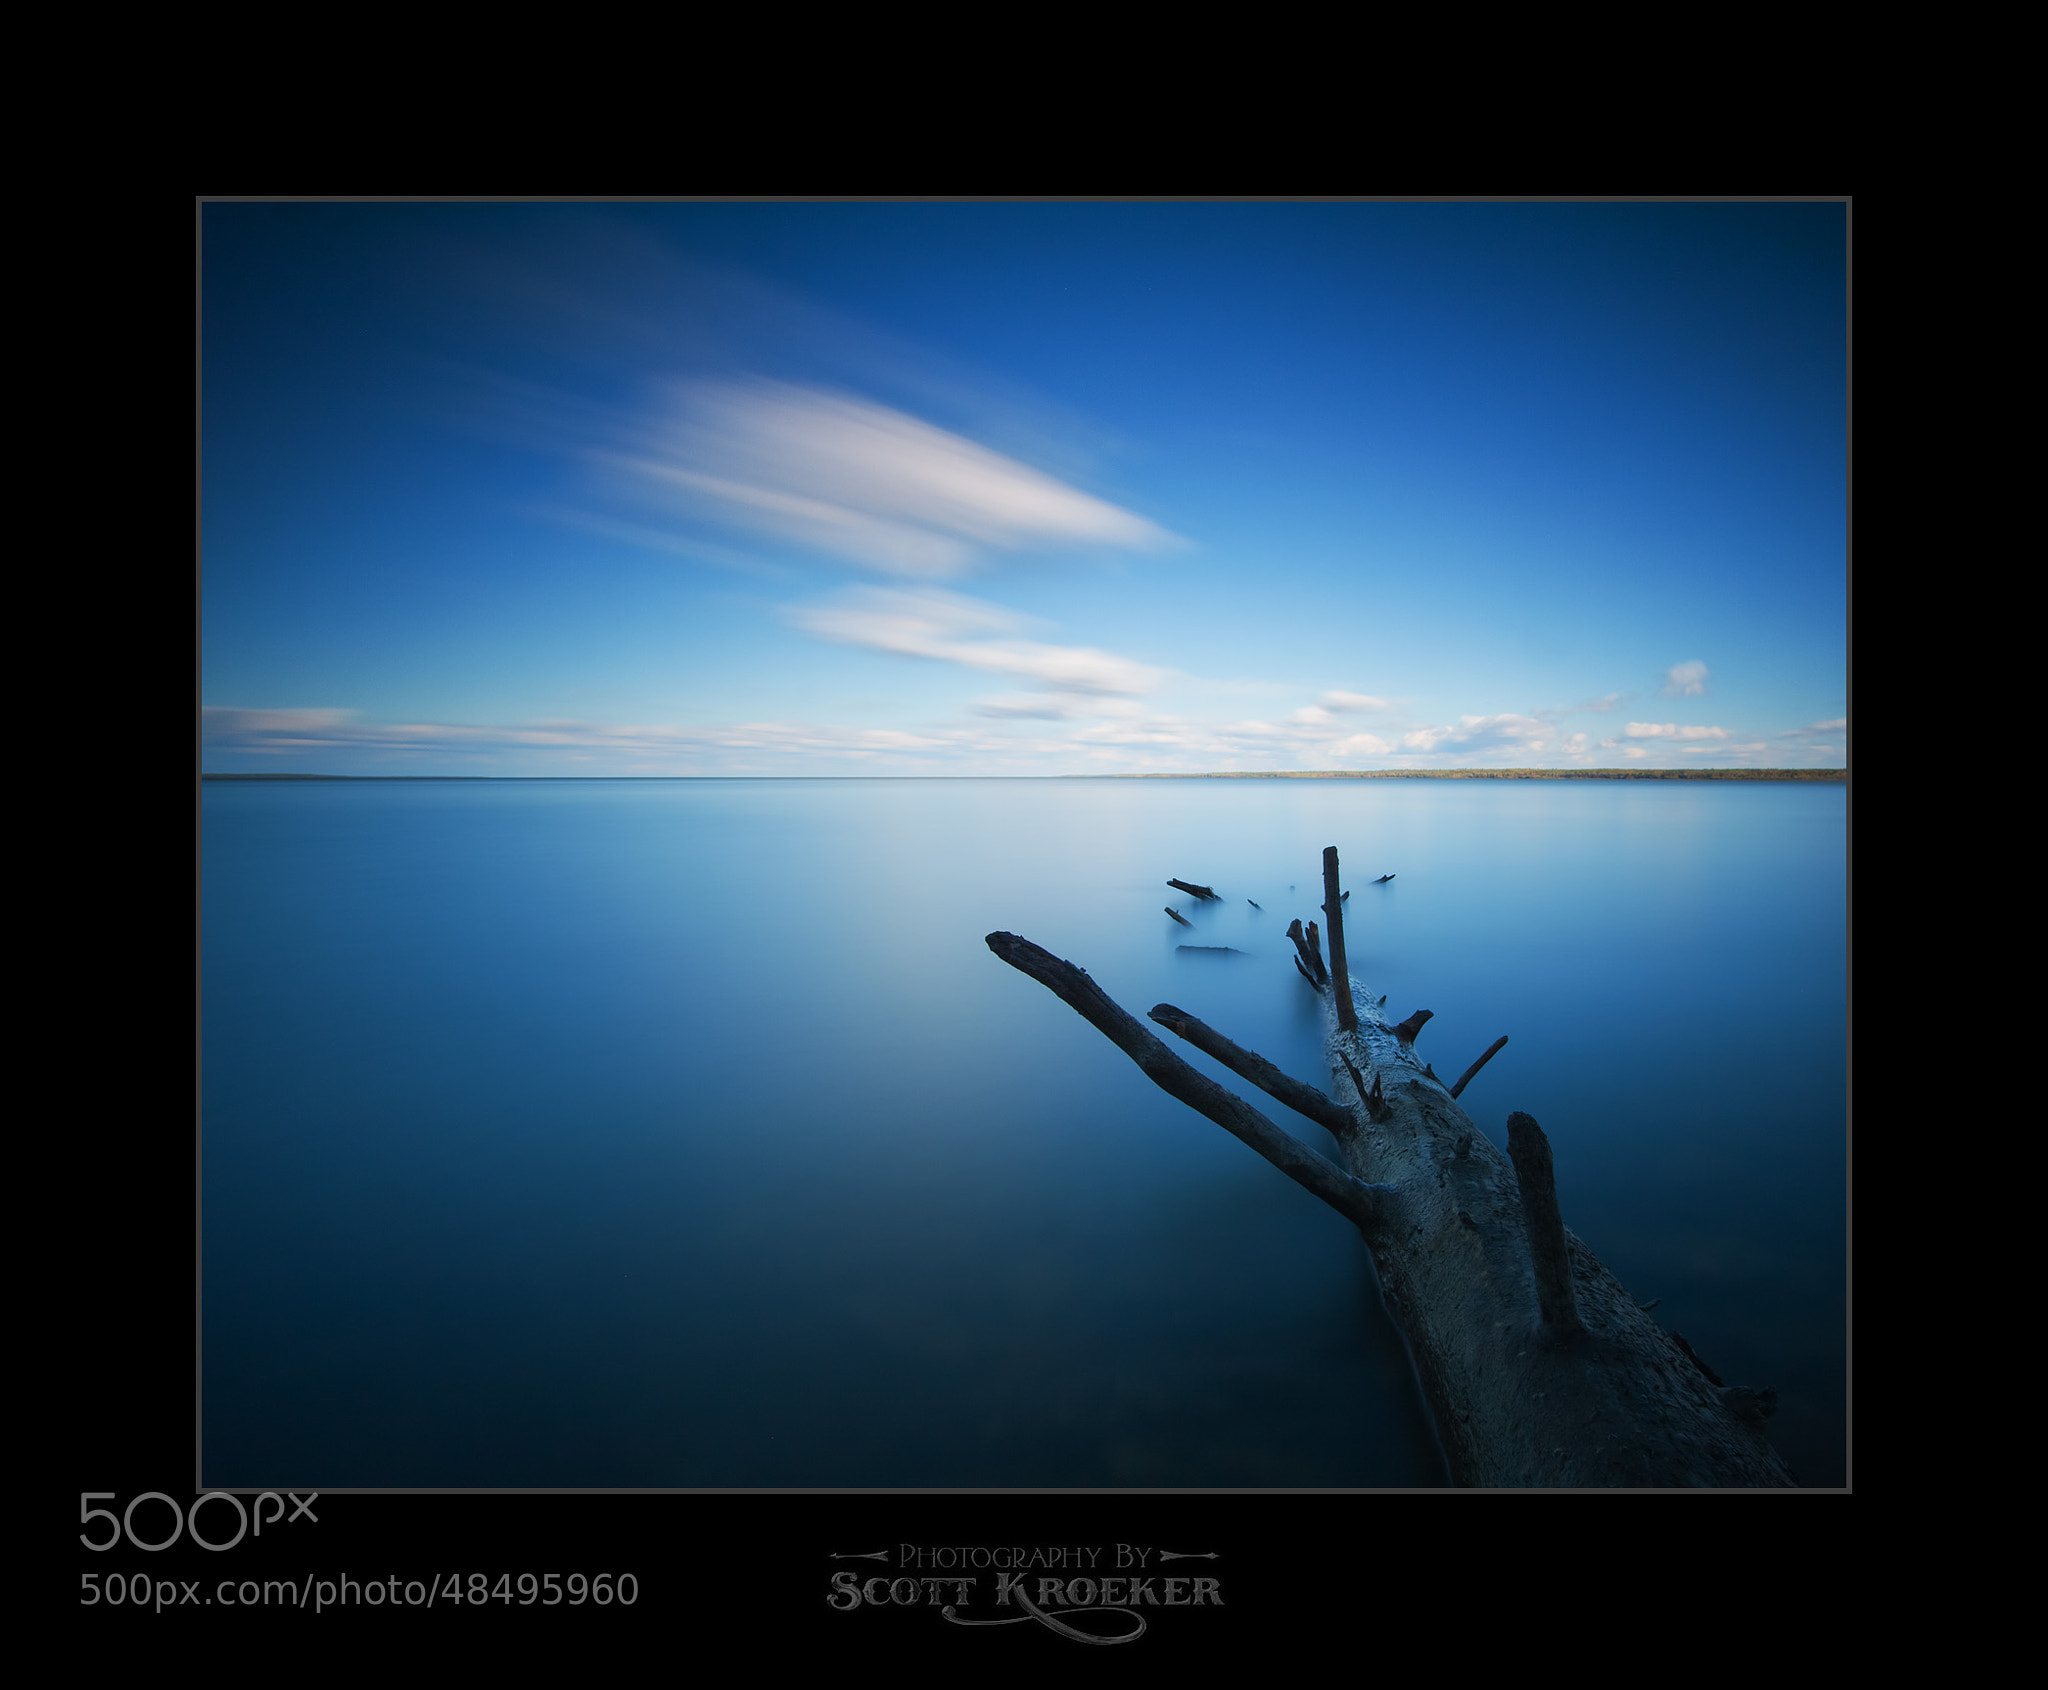 Photograph Blur by Scott Kroeker on 500px